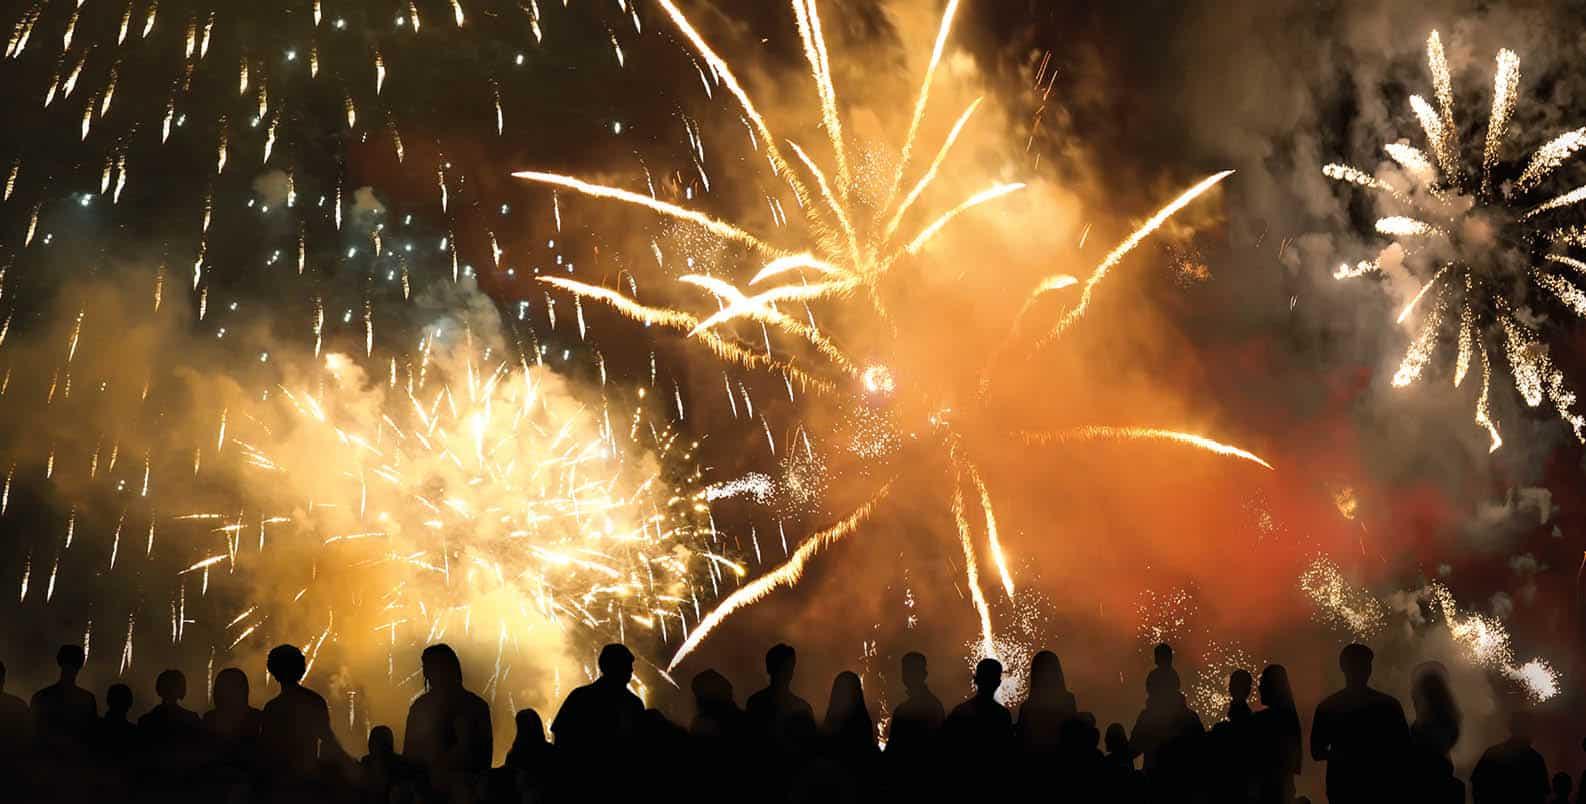 Menschenmenge bei einem Feuerwerk und starker Feinstaubentwicklung